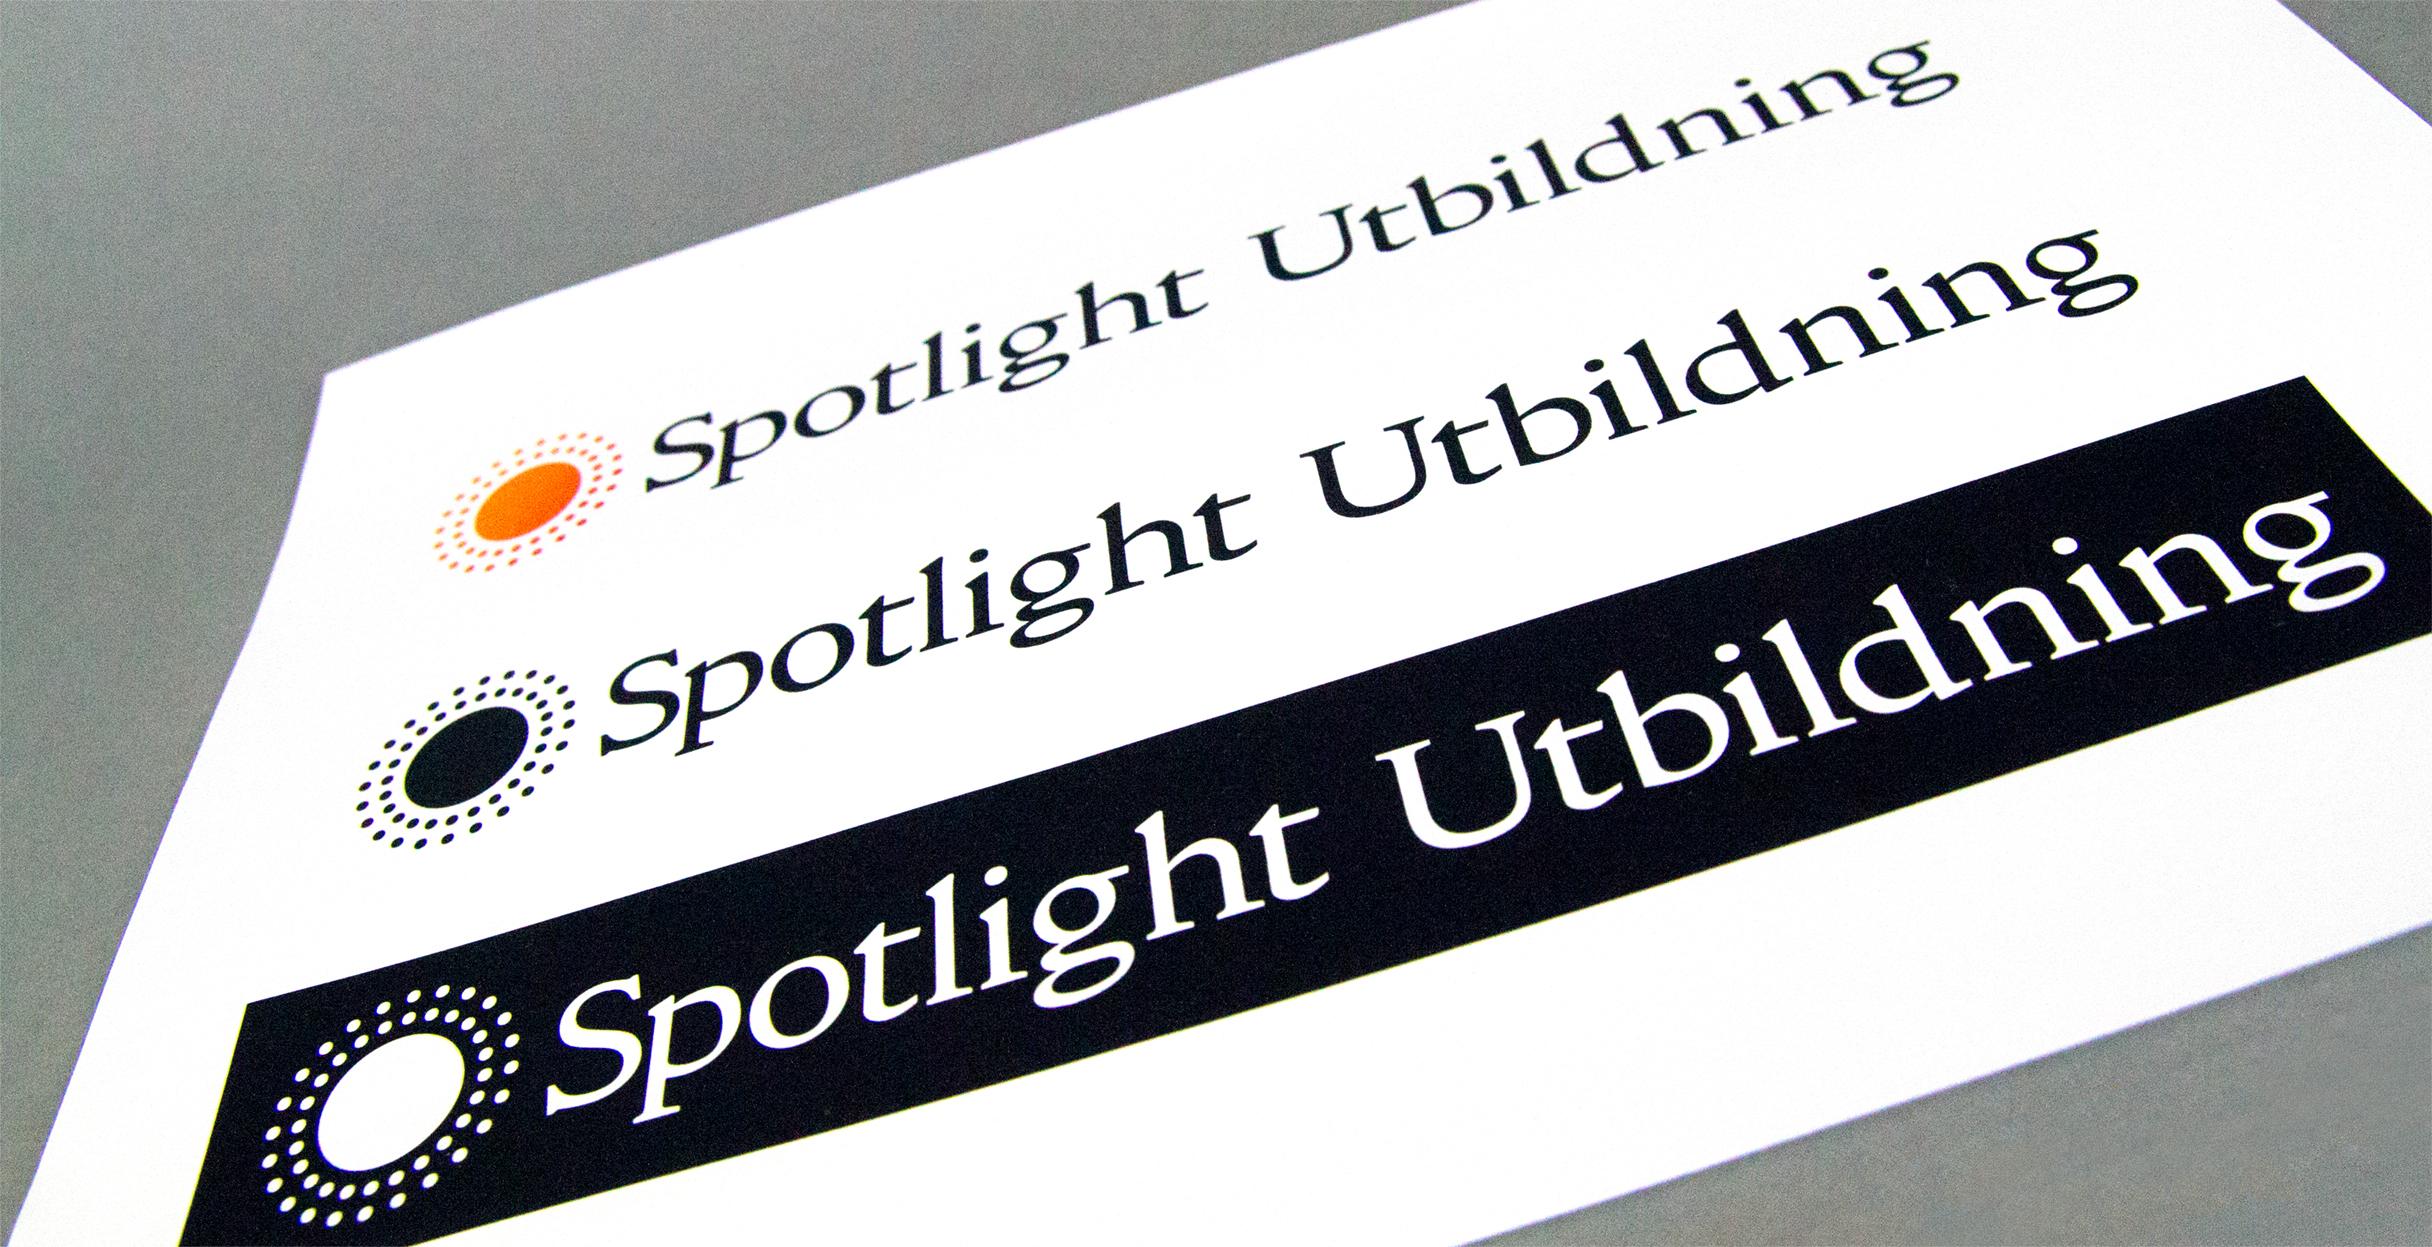 Grafisk profil och logotyp till Spotlight utbildning